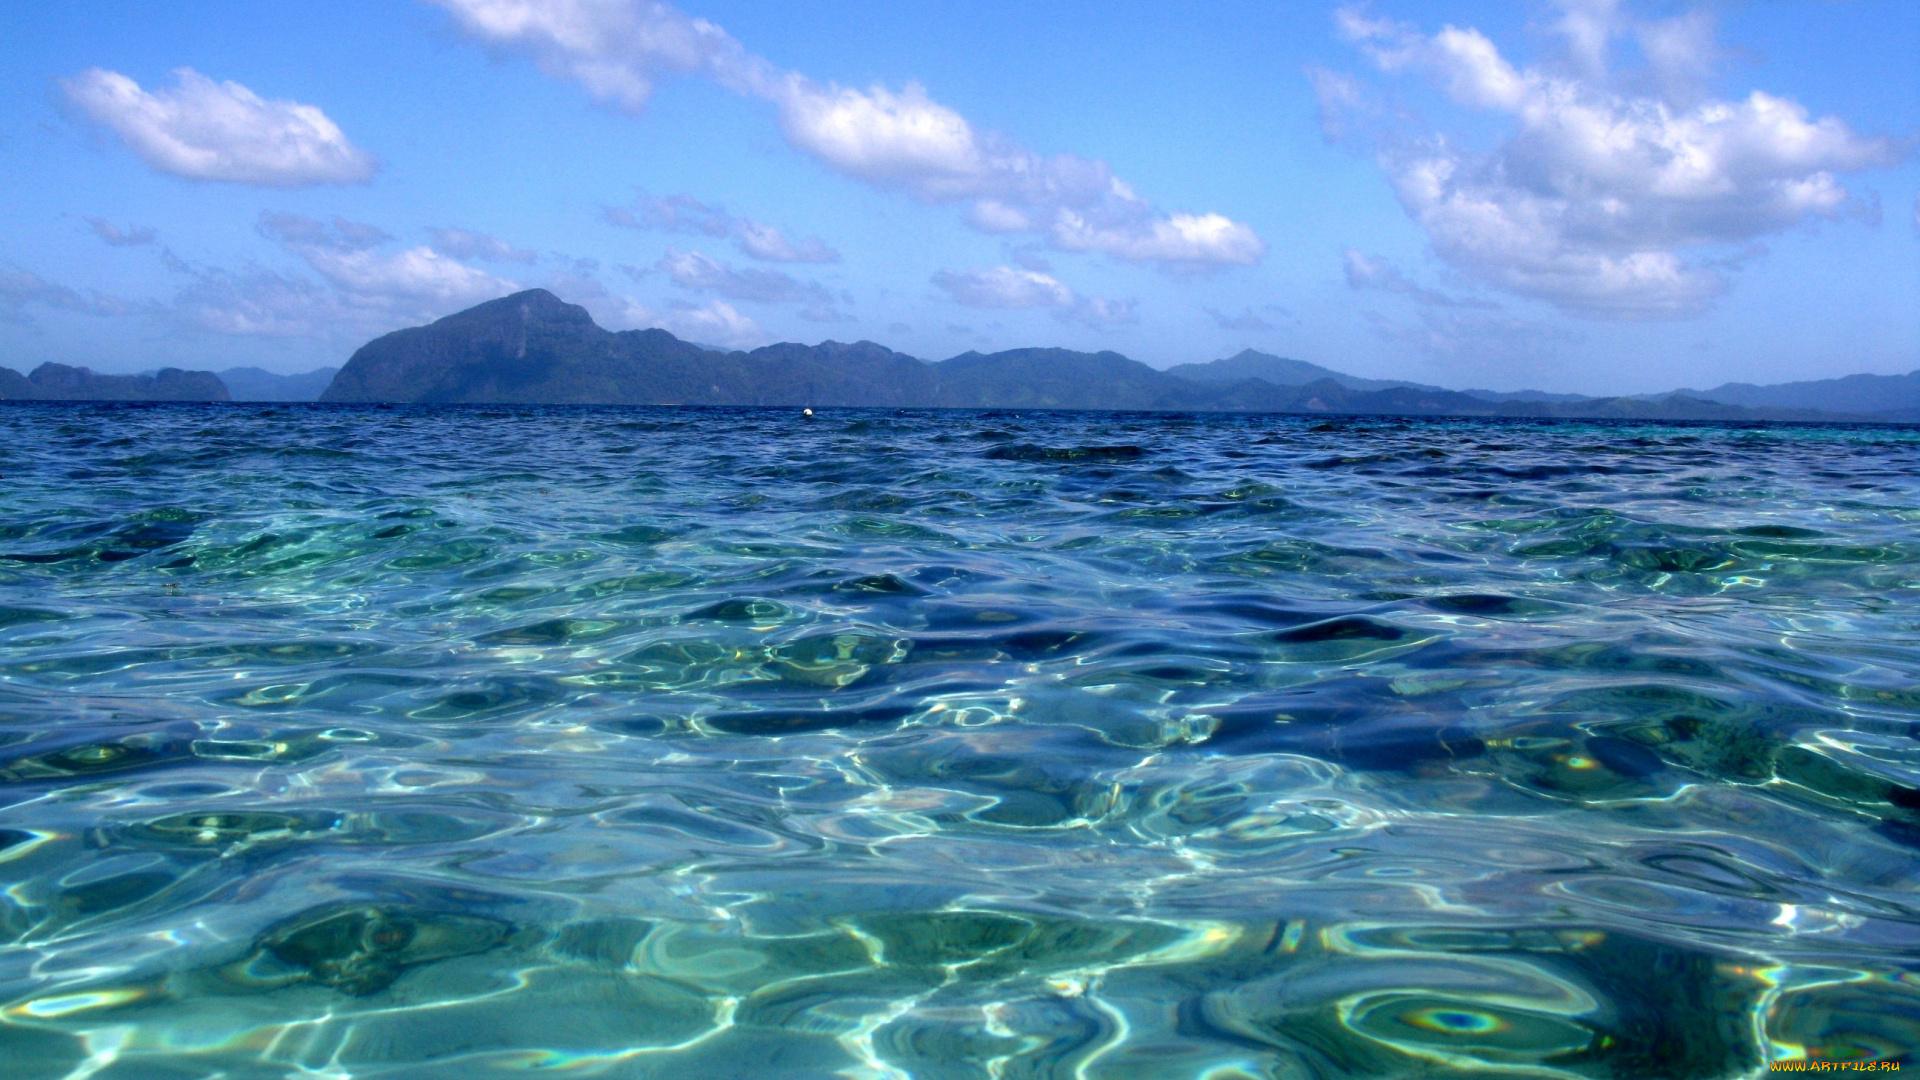 Горы у океана  № 1670899 бесплатно